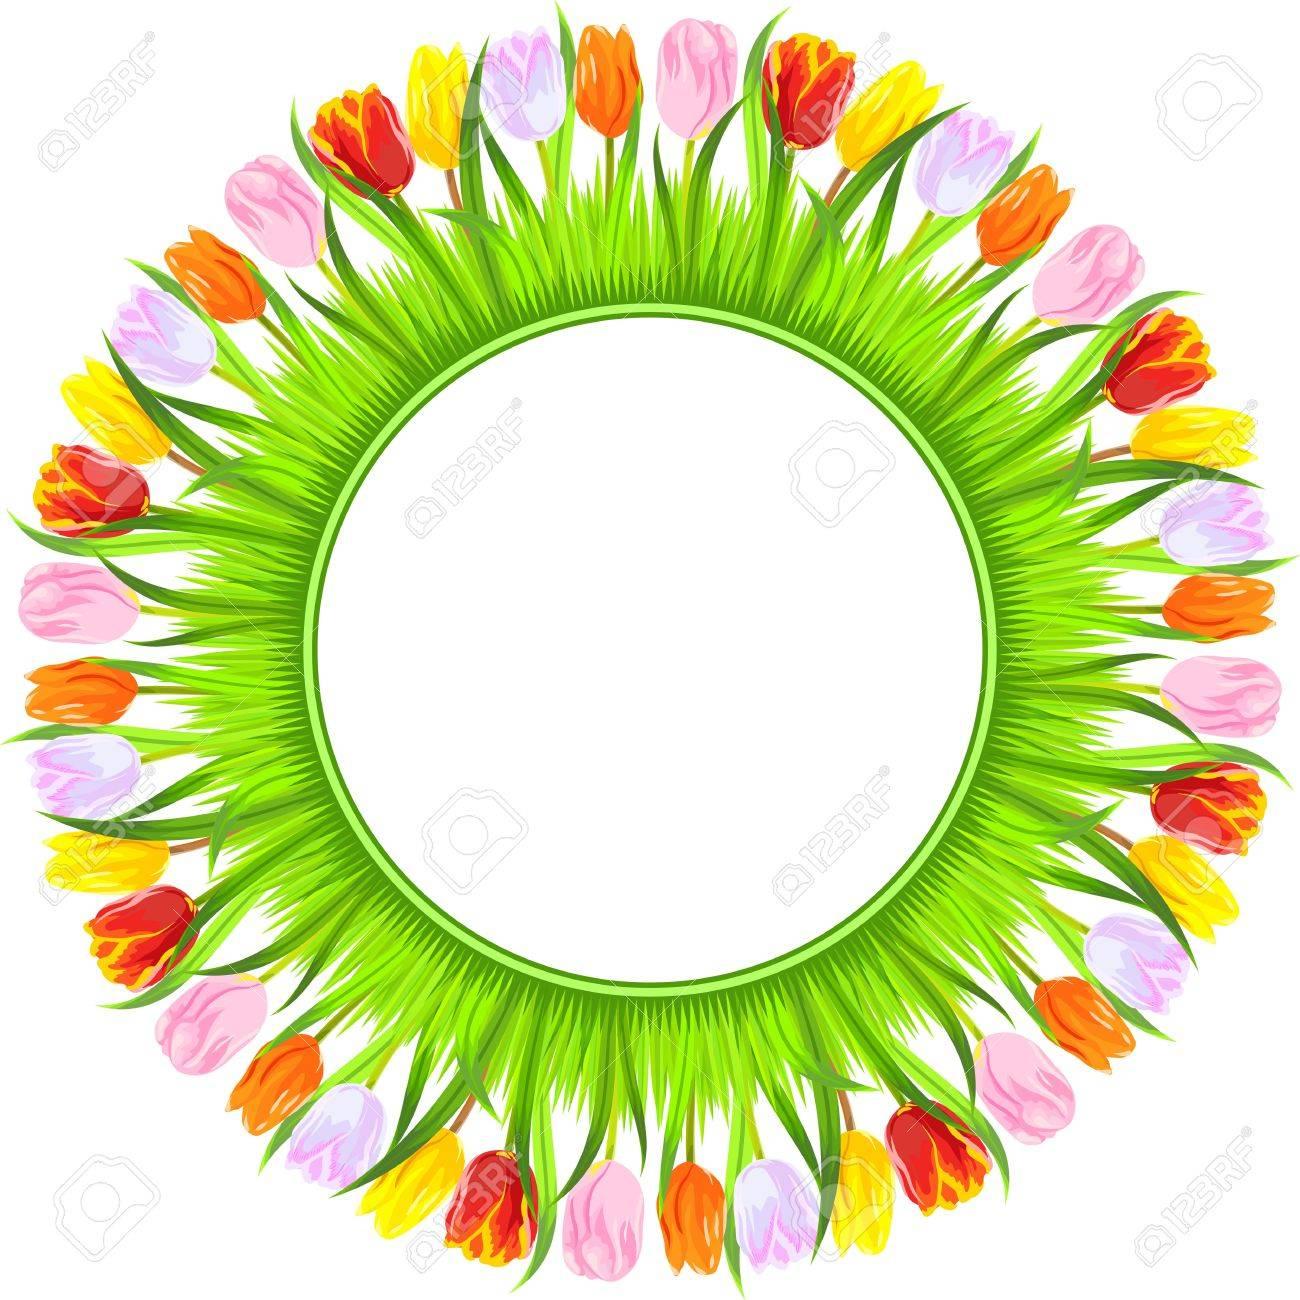 Marco De La Ronda De Los Tulipanes De Colores De Primavera En Una ...